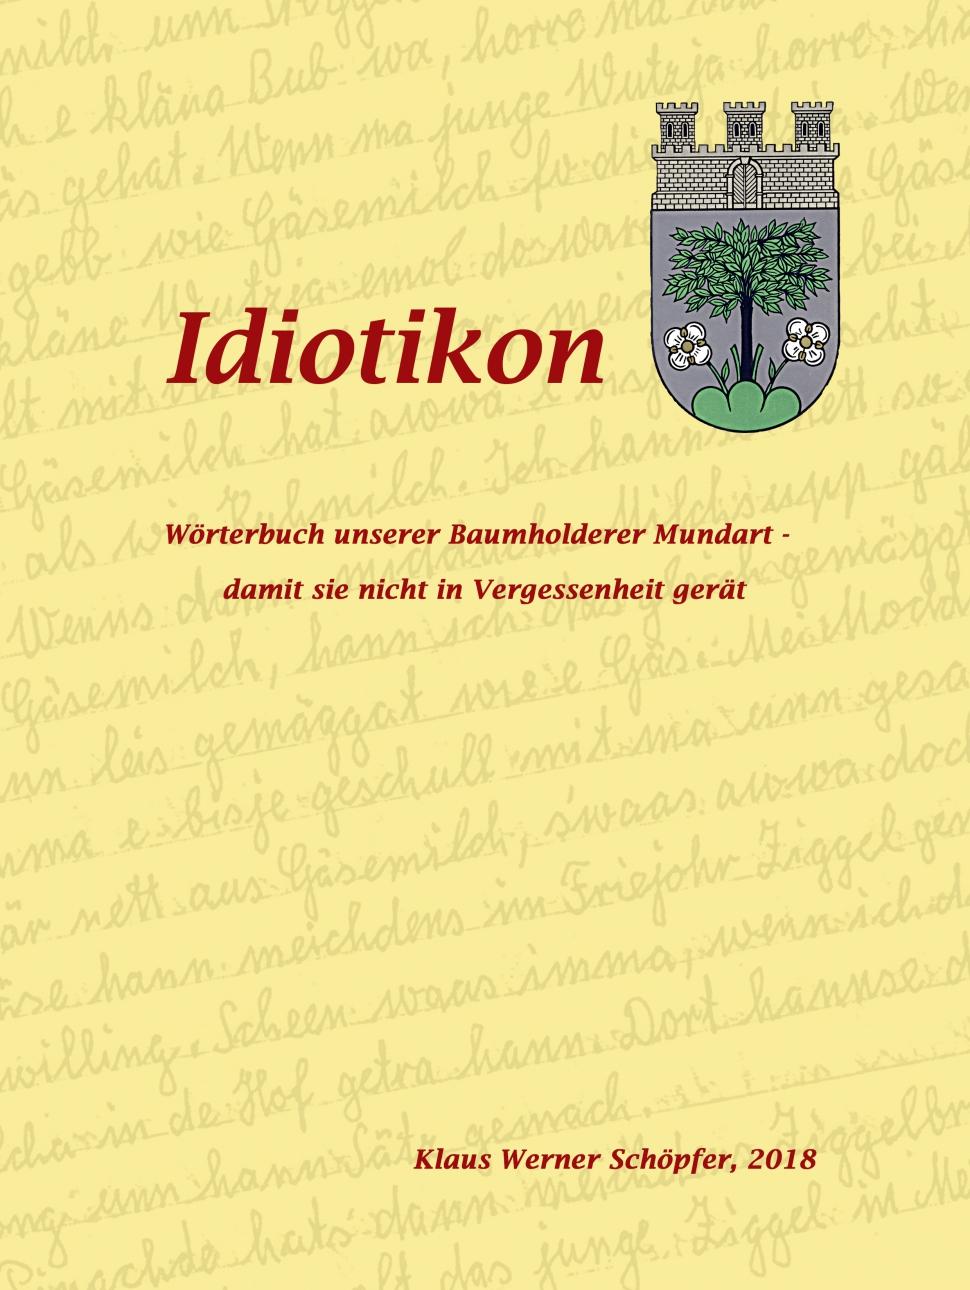 Deckblatt mit Wappen